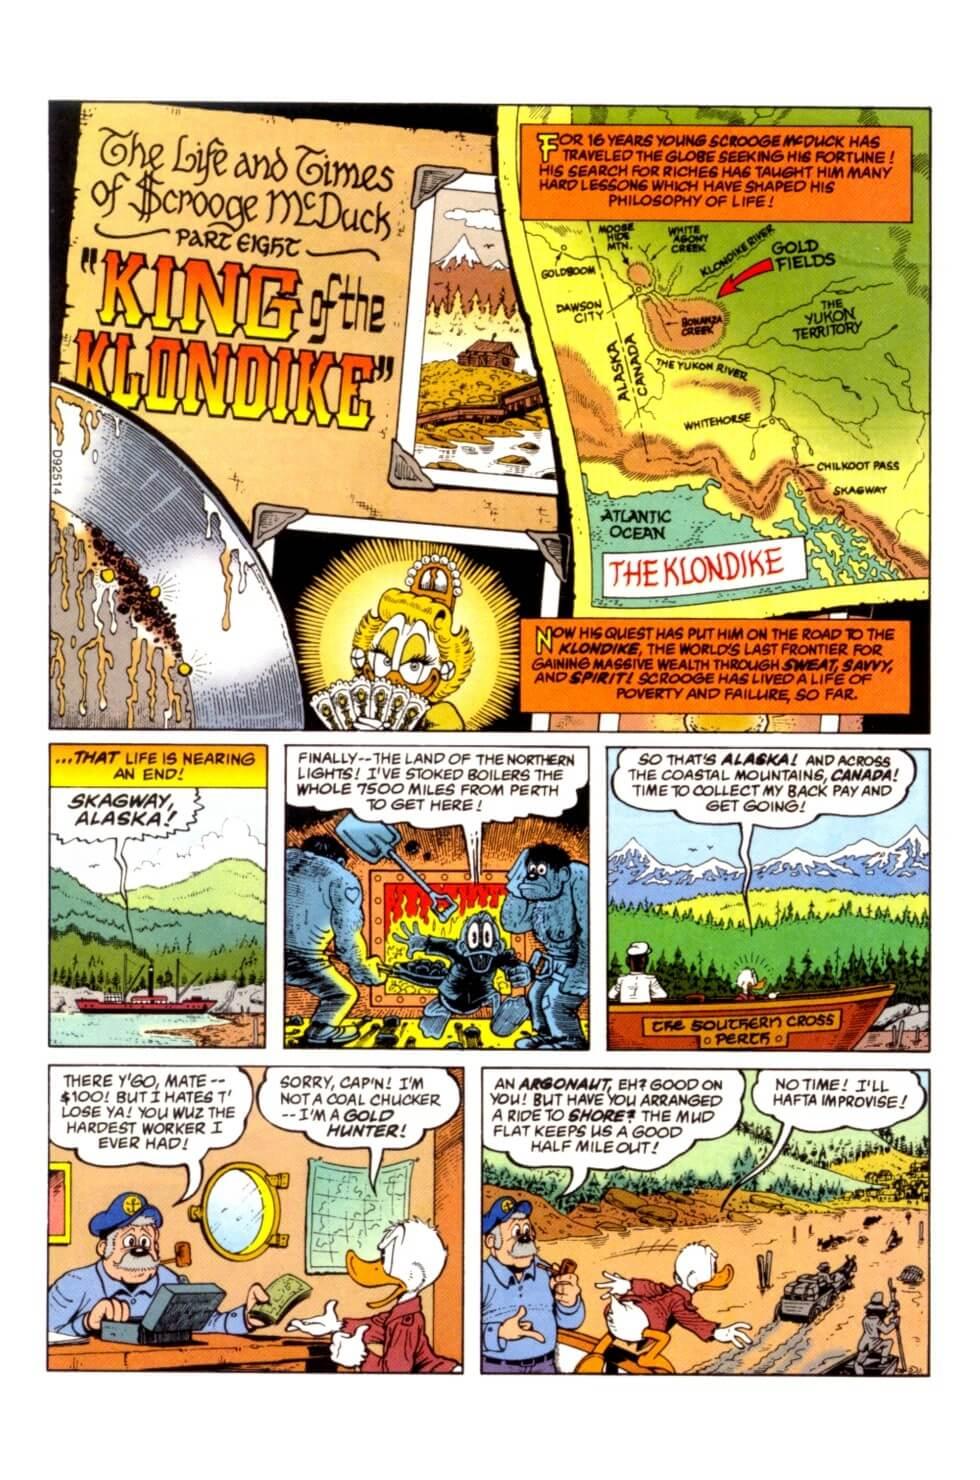 King of the Klondike